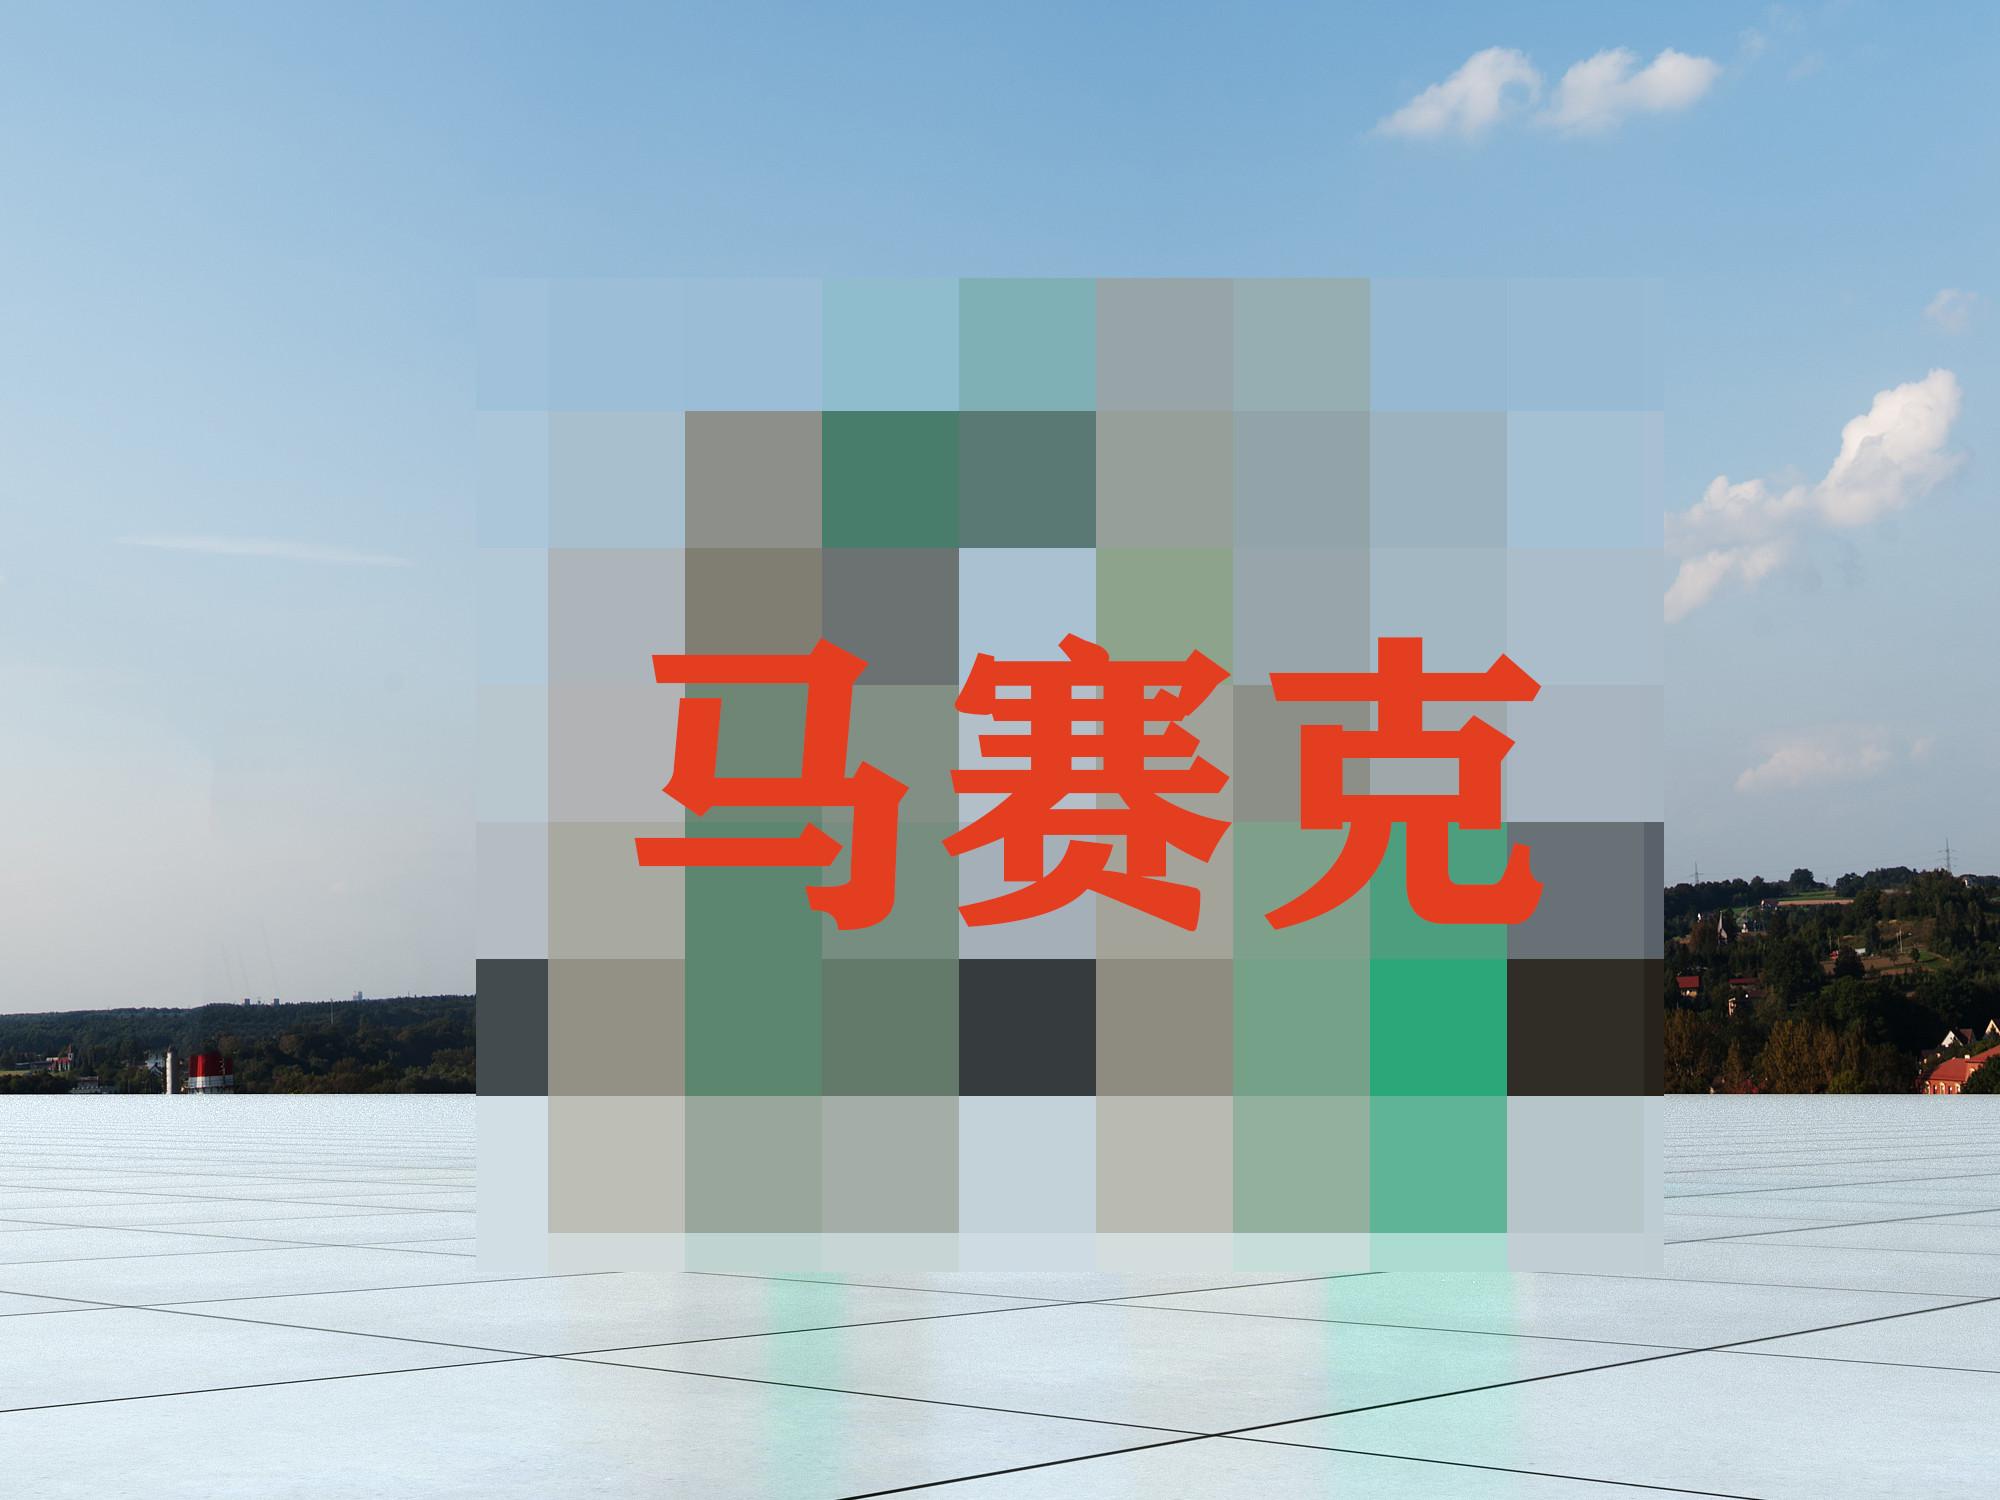 新品预告 | 2020上海凡贝新品发布会预告来啦!多款新品即将重磅上线!